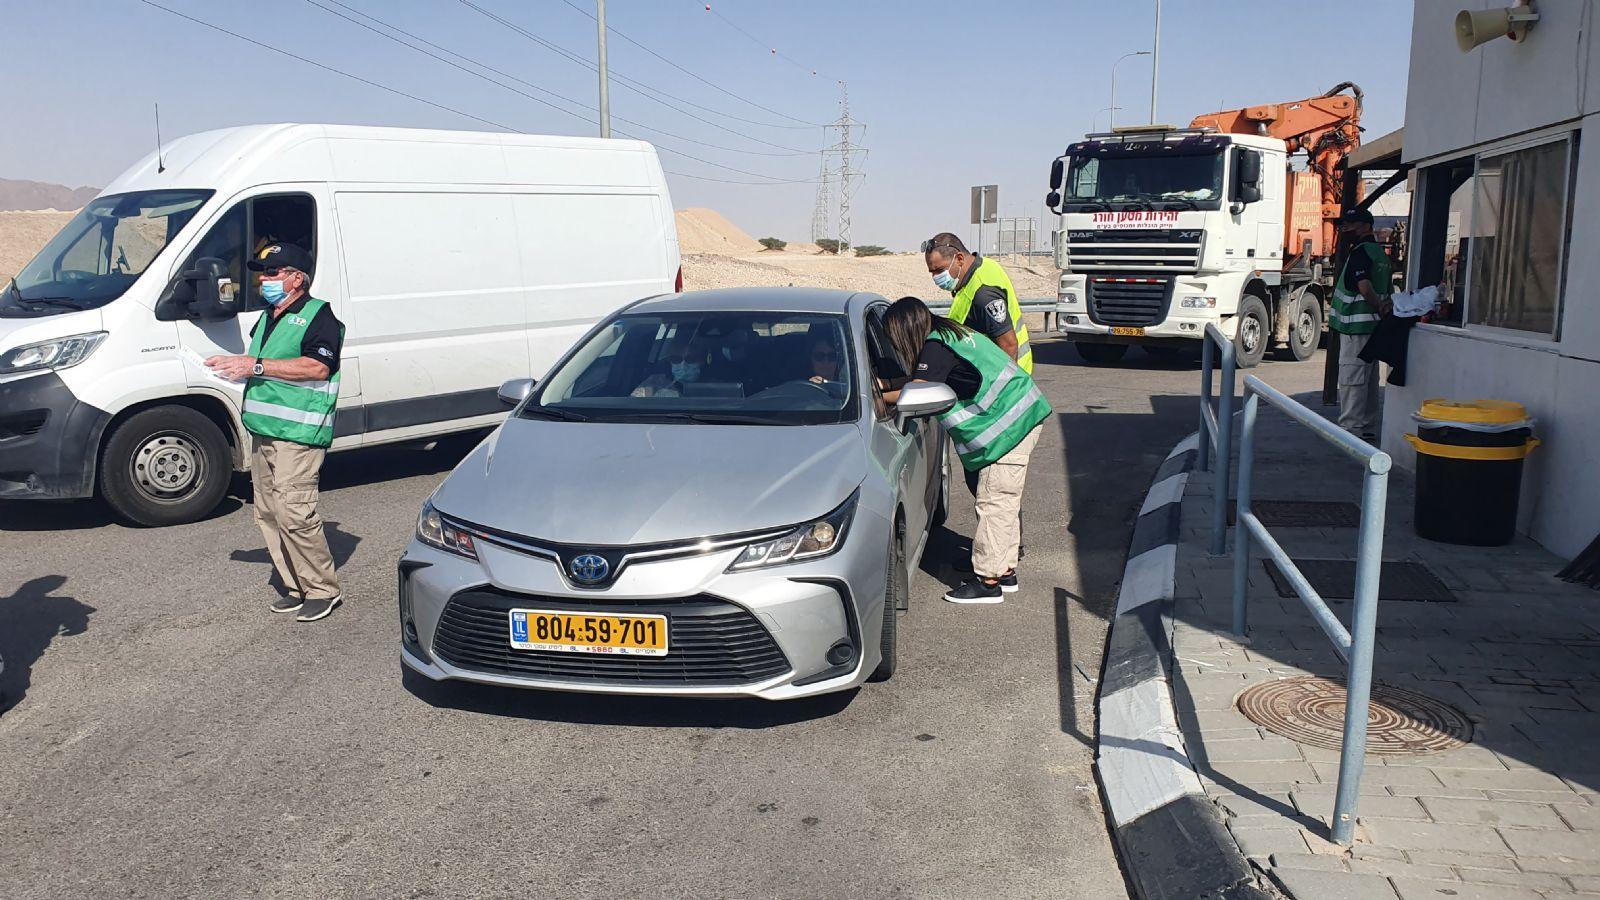 משטרת ישראל: ''מוסמכים למנוע כניסת סרבני בדיקות מהירות לאילת''